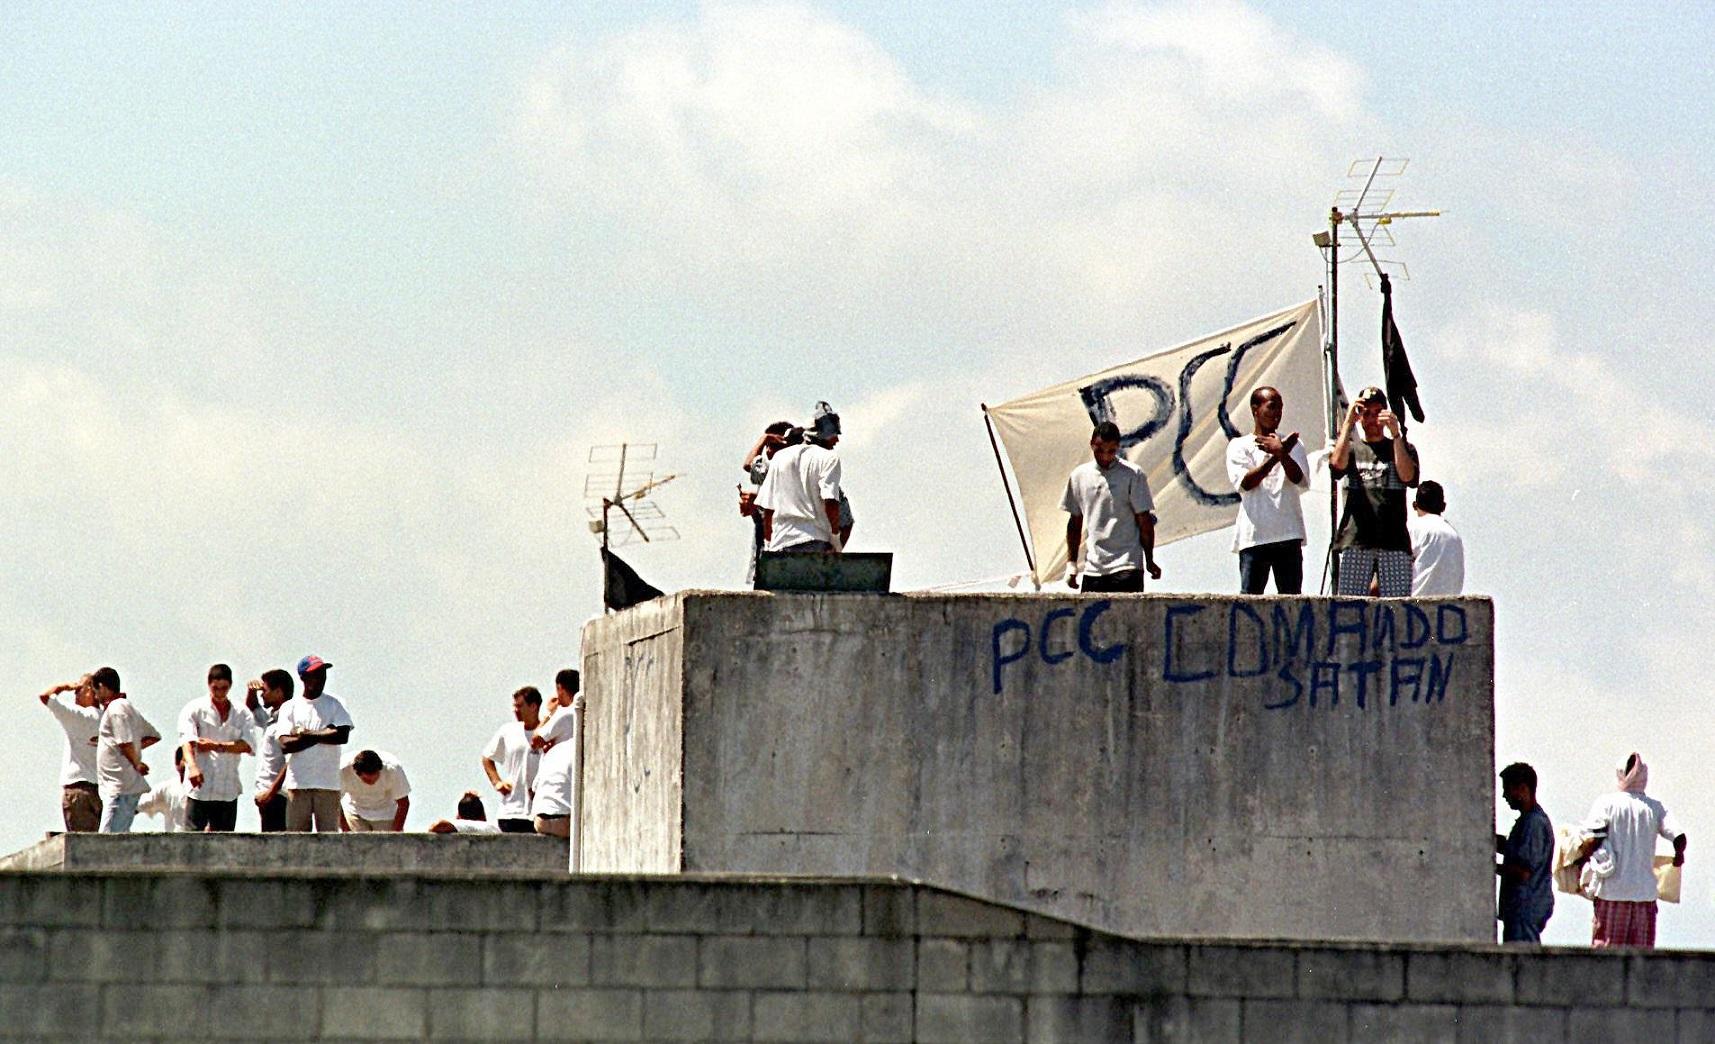 Traficantes ligados ao Primeiro Comando da Capital (PCC) durante uma rebelião no presídio de Sorocaba. Foto Marie Hippenmeyer/AFP